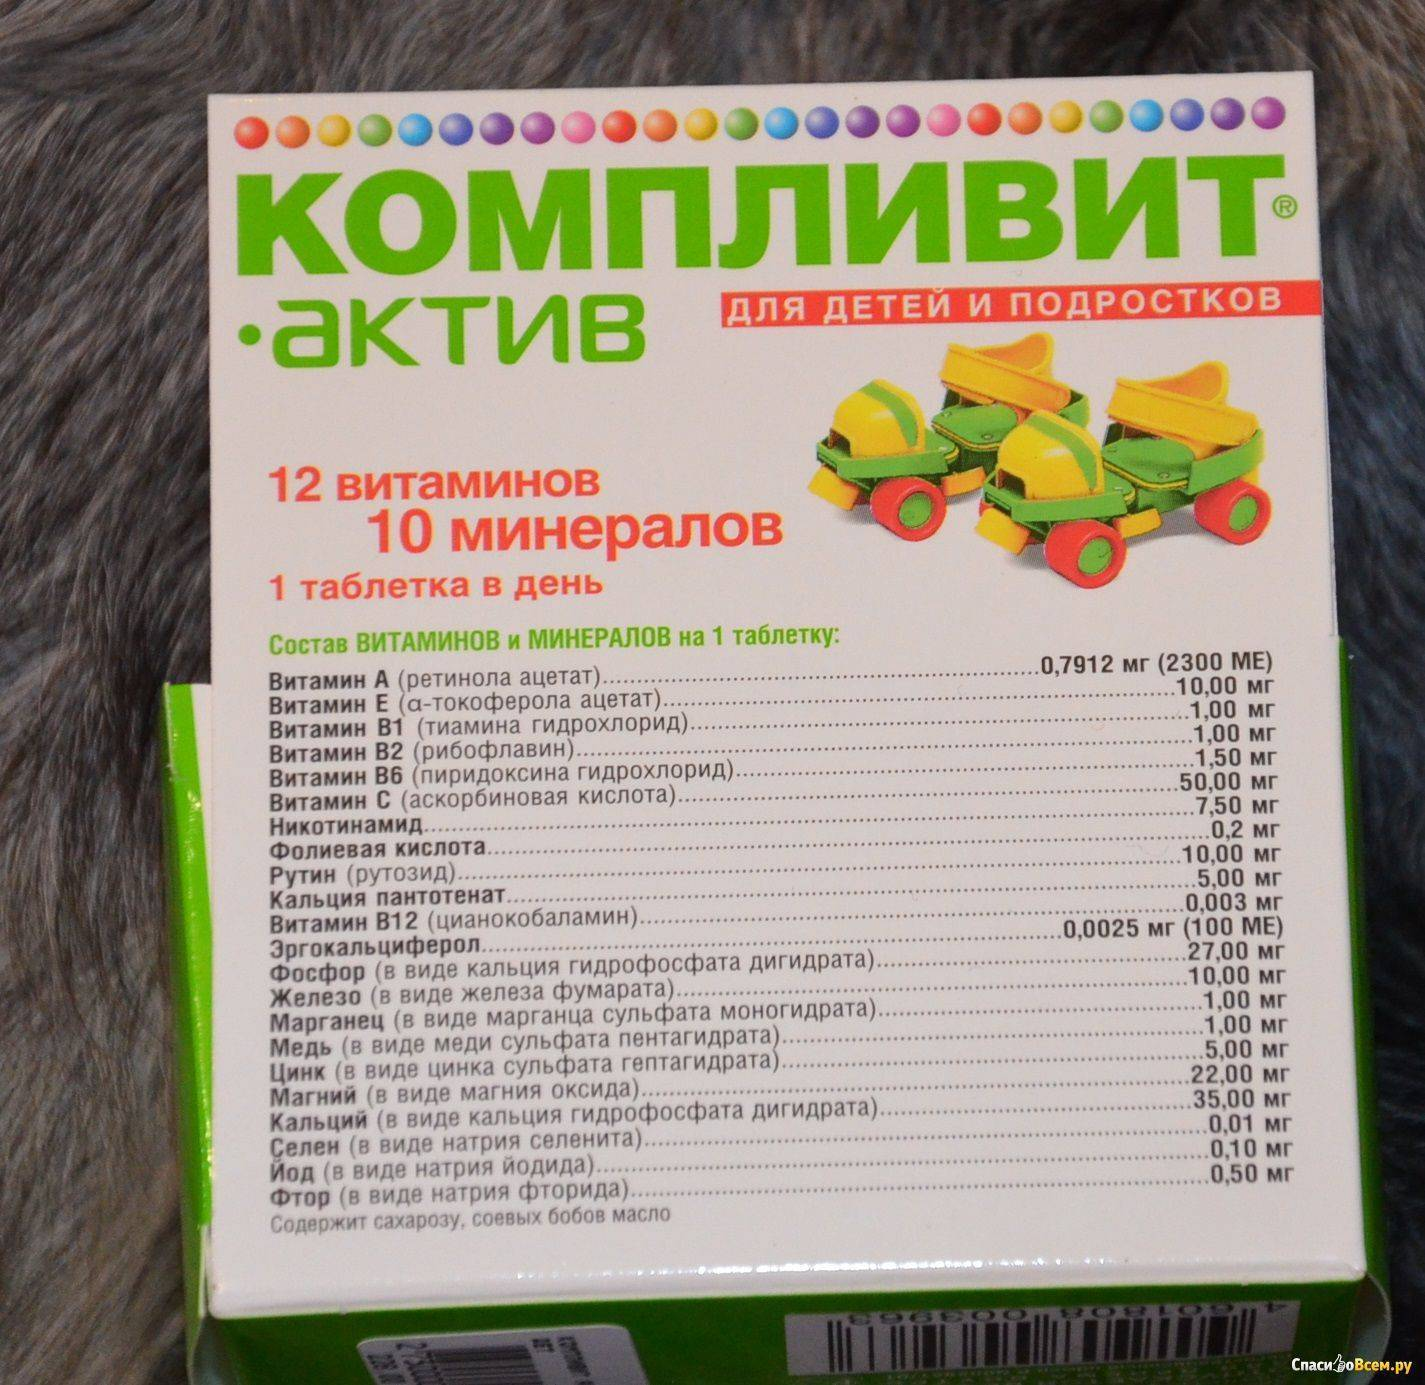 Компливит: инструкция по применению витаминов актив и кальций д3 для детей и подростков разных возрастов. форма выпуска и состав